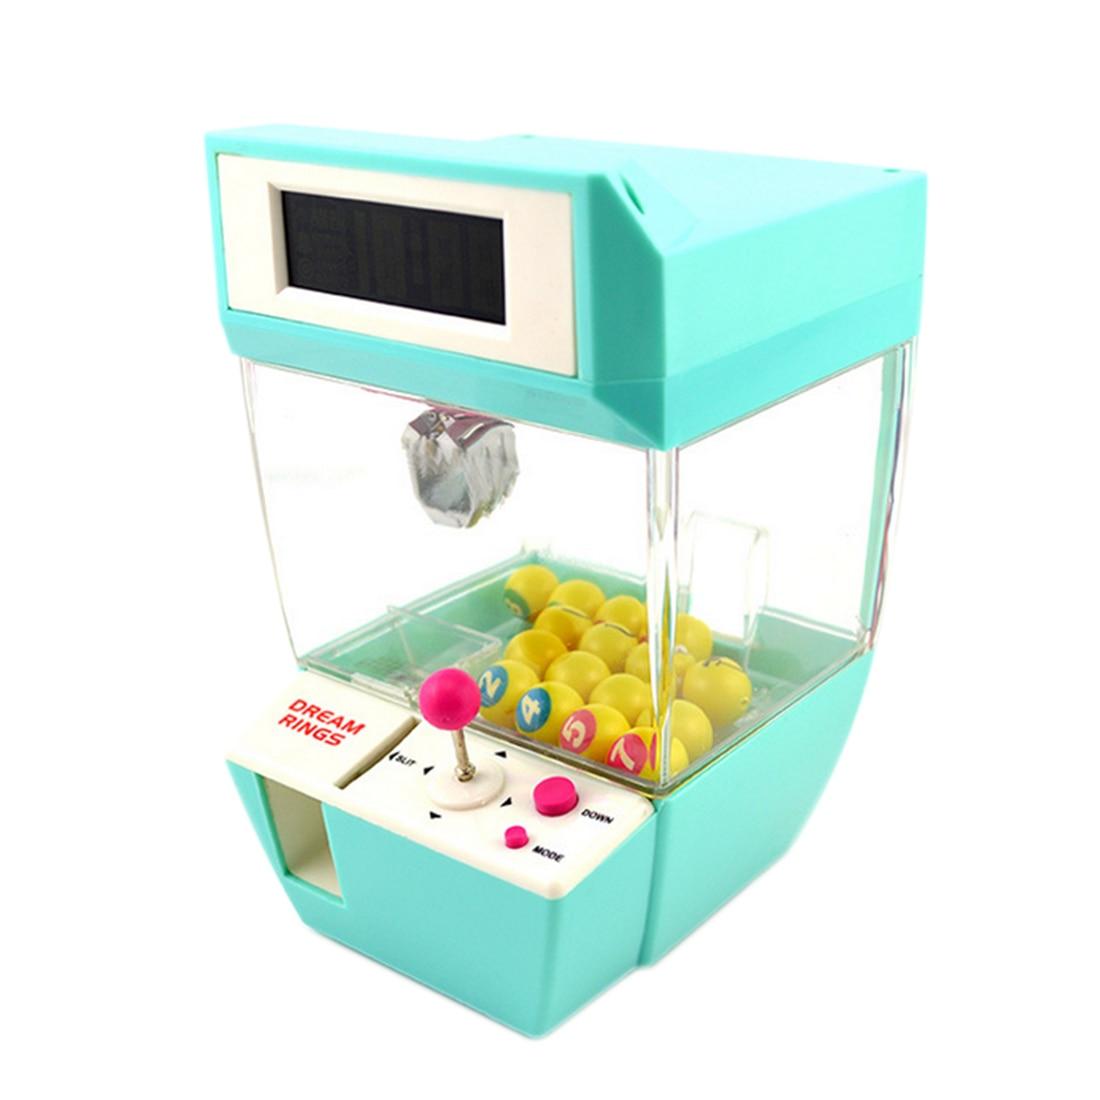 Monnayeur Bonbons Grabber De Bureau Poupée Bonbons Catcher Nouveauté Gag Jouets Grue Machine avec D'alarme Horloge Fonction Boules Aléatoire